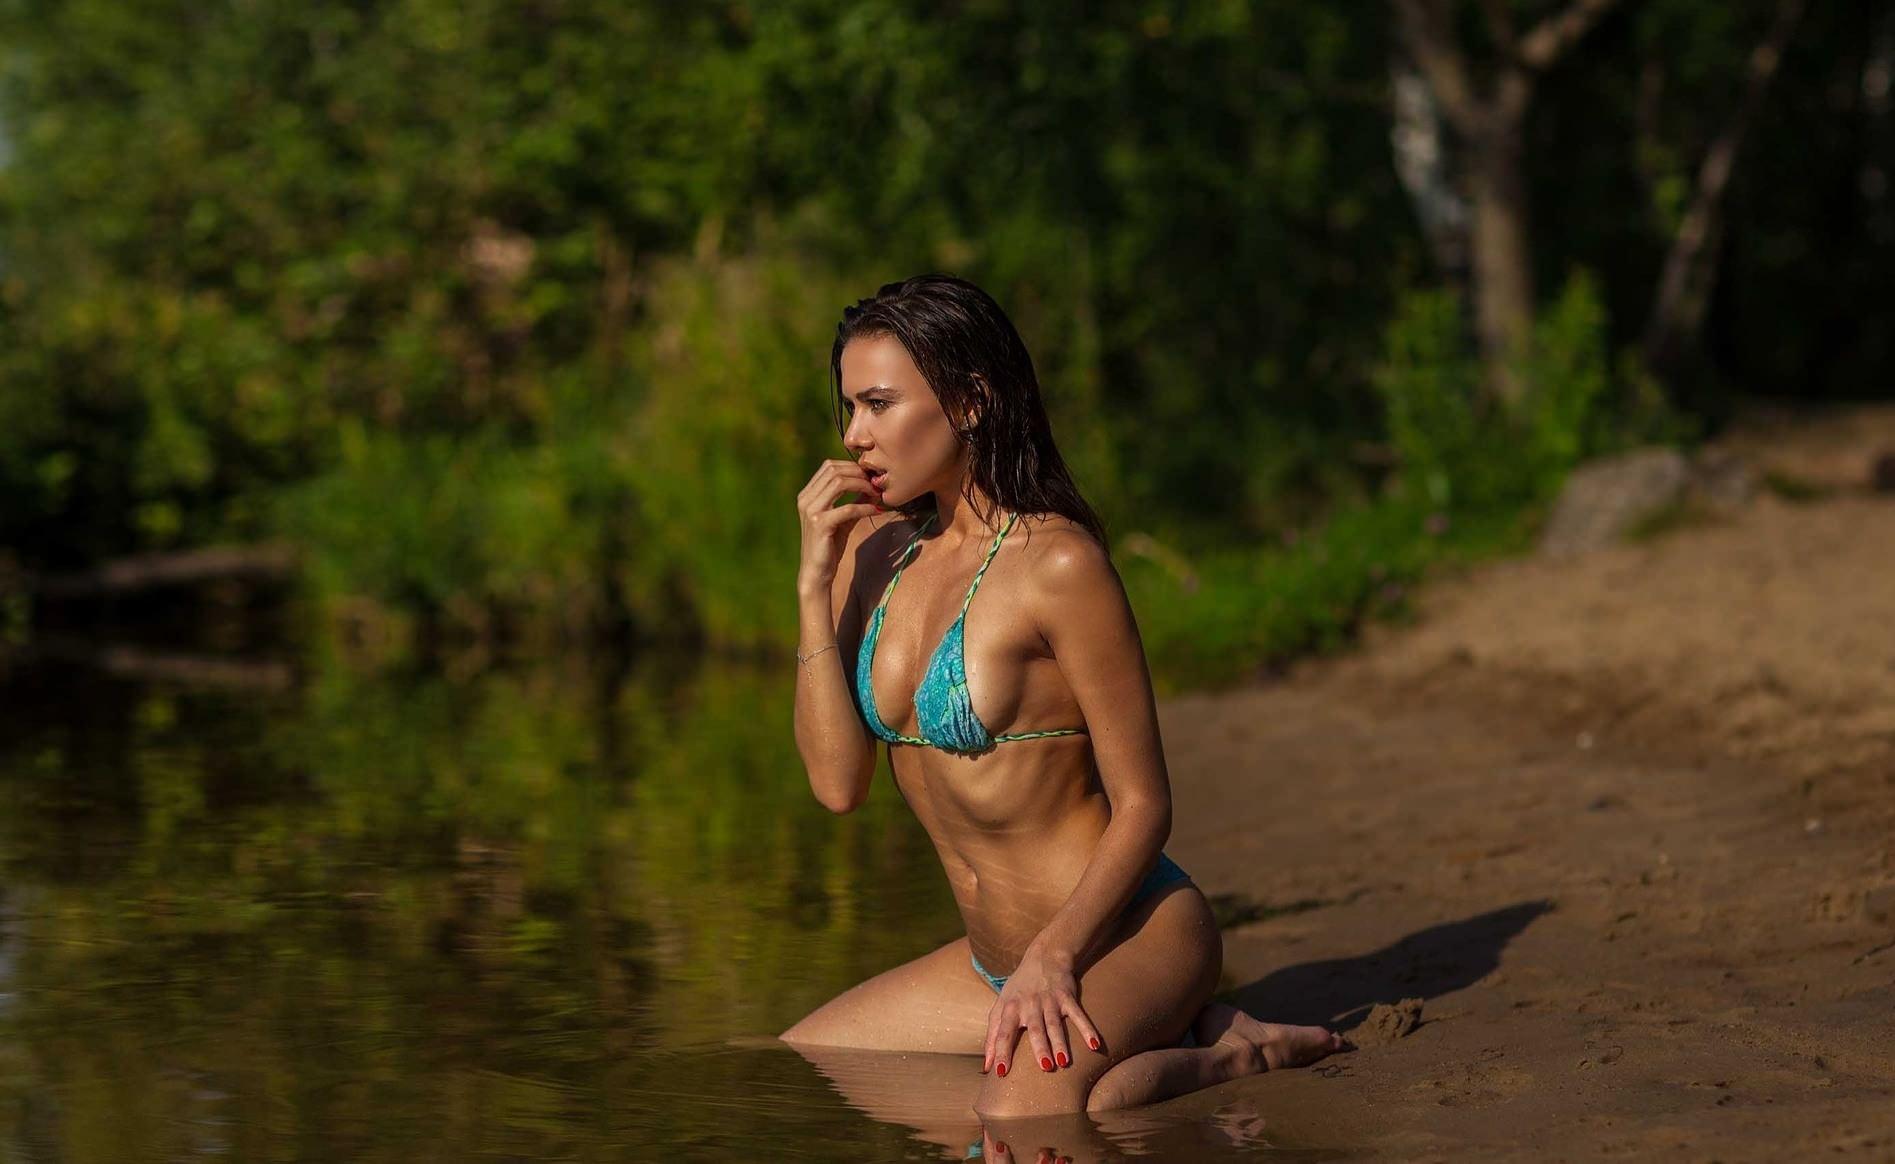 Фото Горячая загорелая девушка в голубом купальнике, сексуальное тело, мокрый песок, озеро, соблазн, мокрая брюнетка на природе, скачать картинку бесплатно